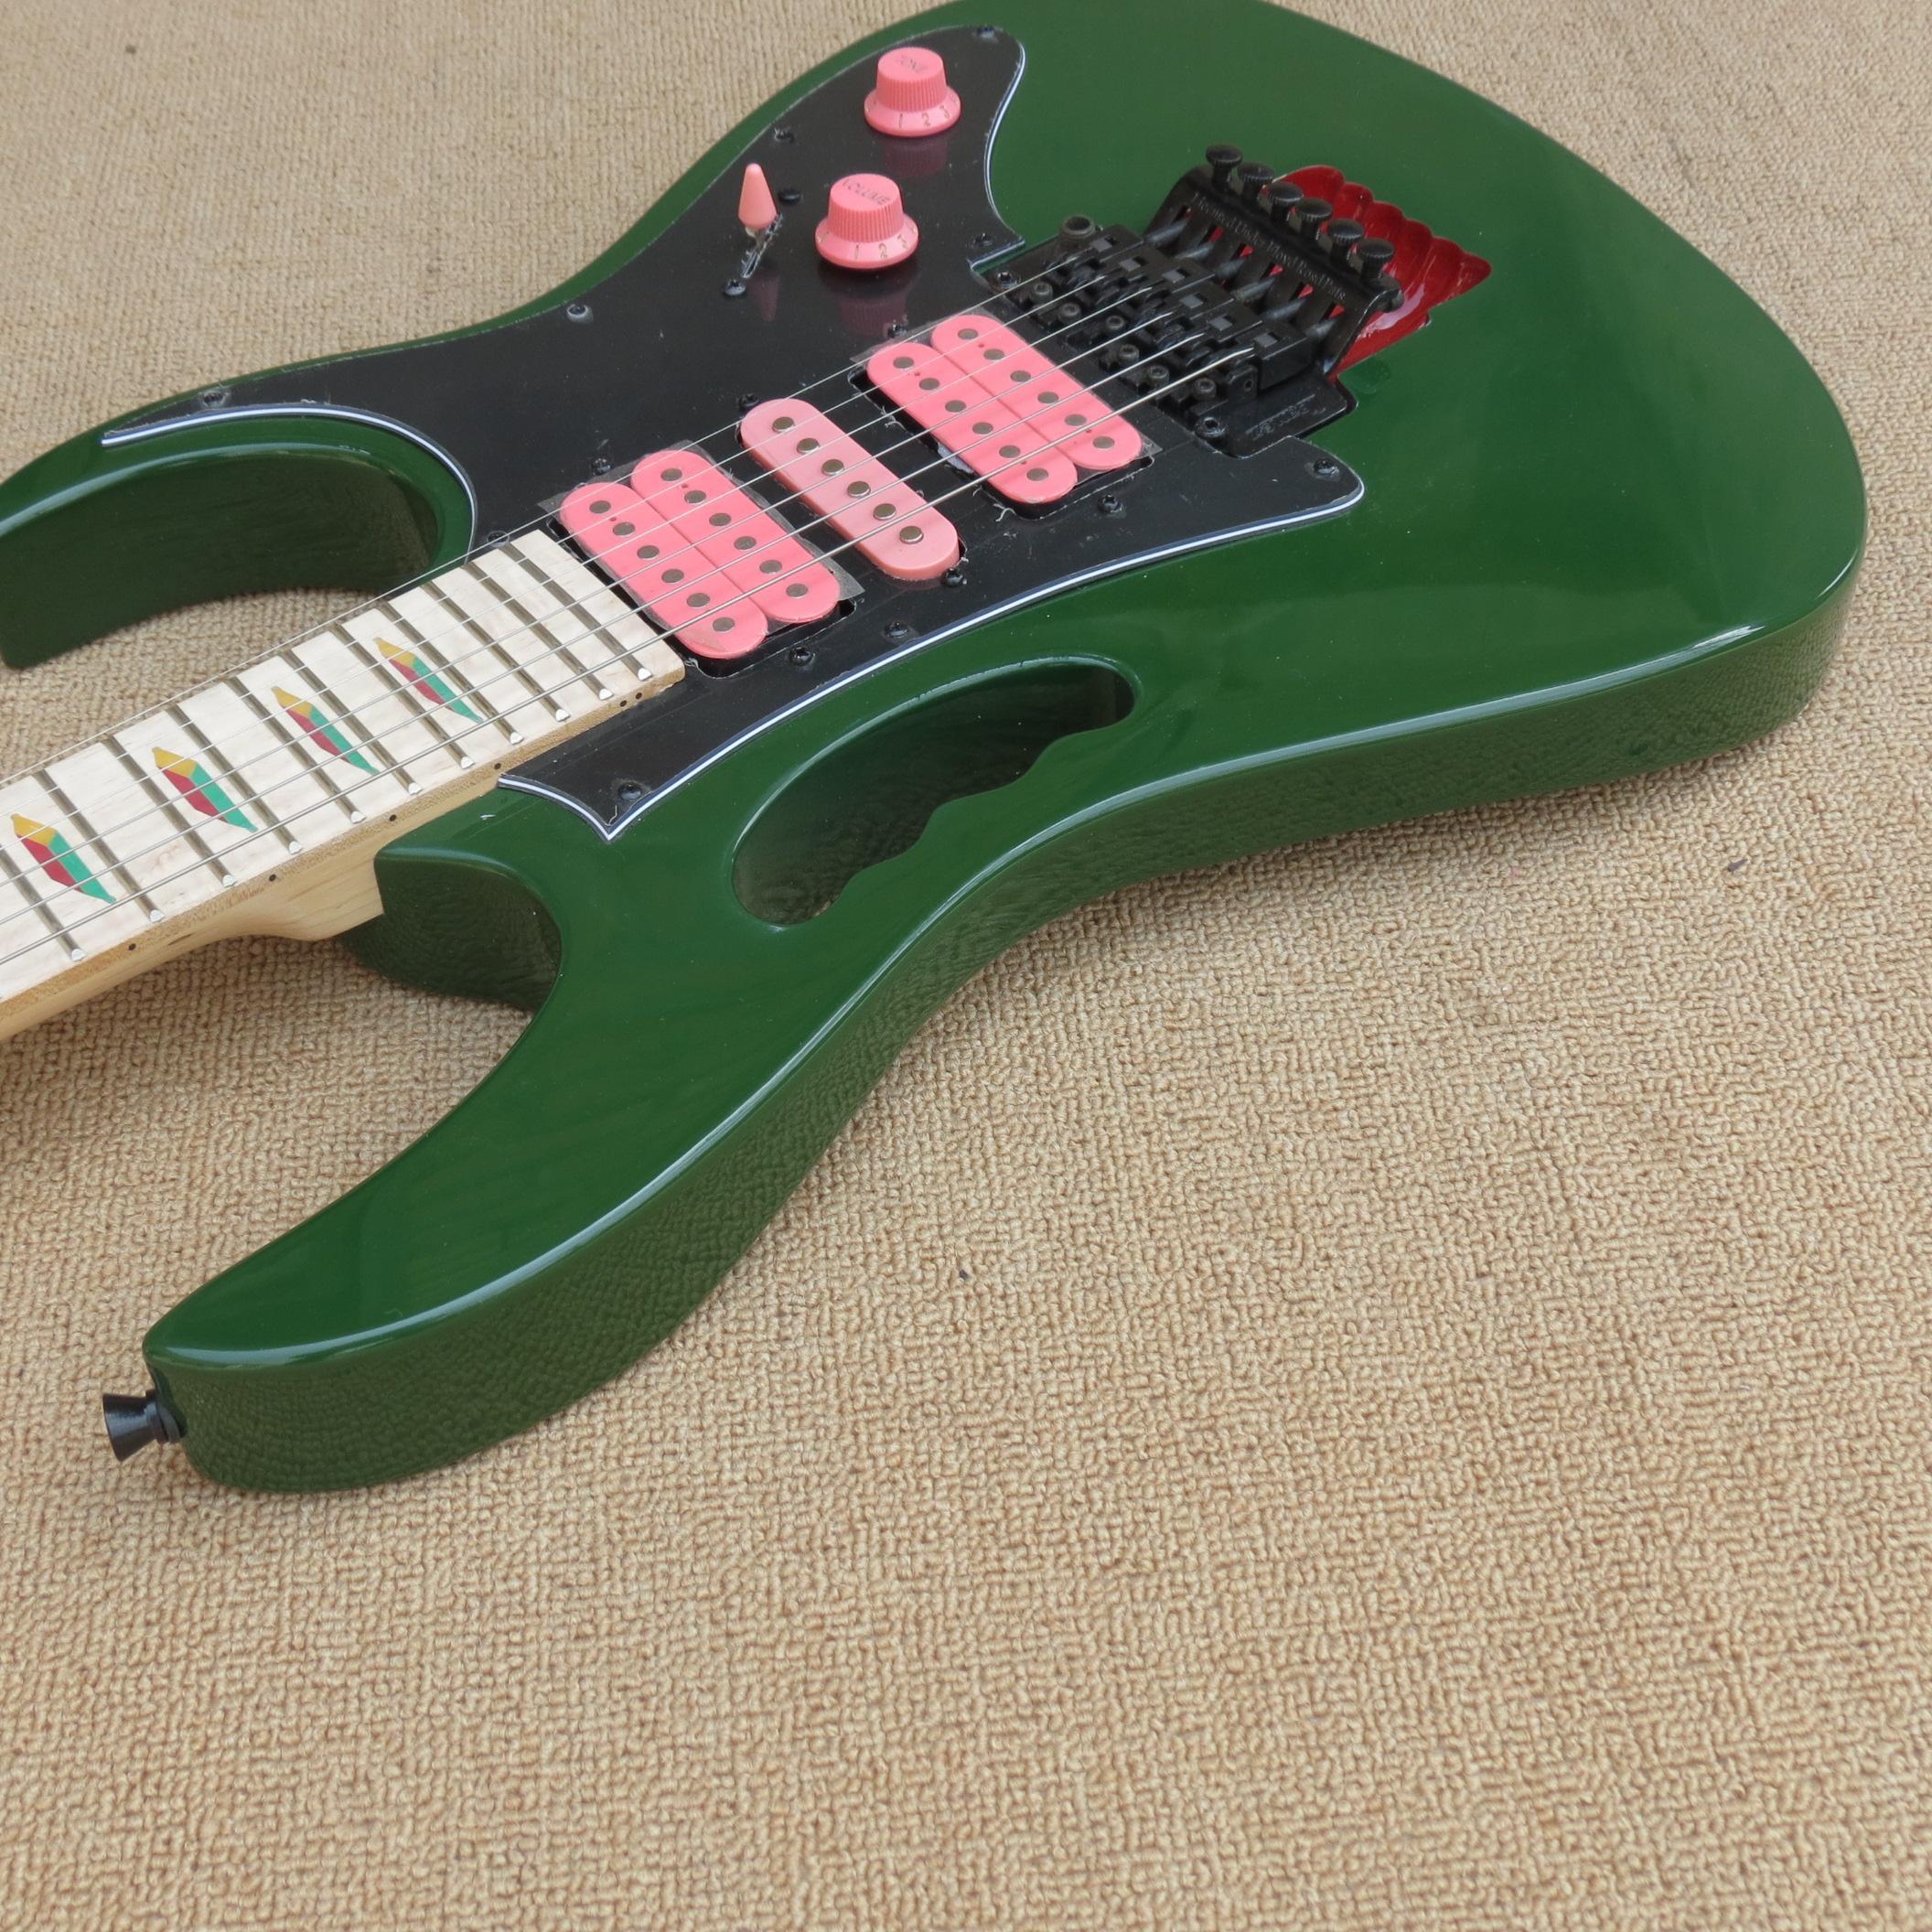 Özel JEMS Ordu yeşil gitar Maymun kavrama ve ücretsiz kargo nakliye Aslan Pençesi tremolo kavite Siyah donanım desteği damla